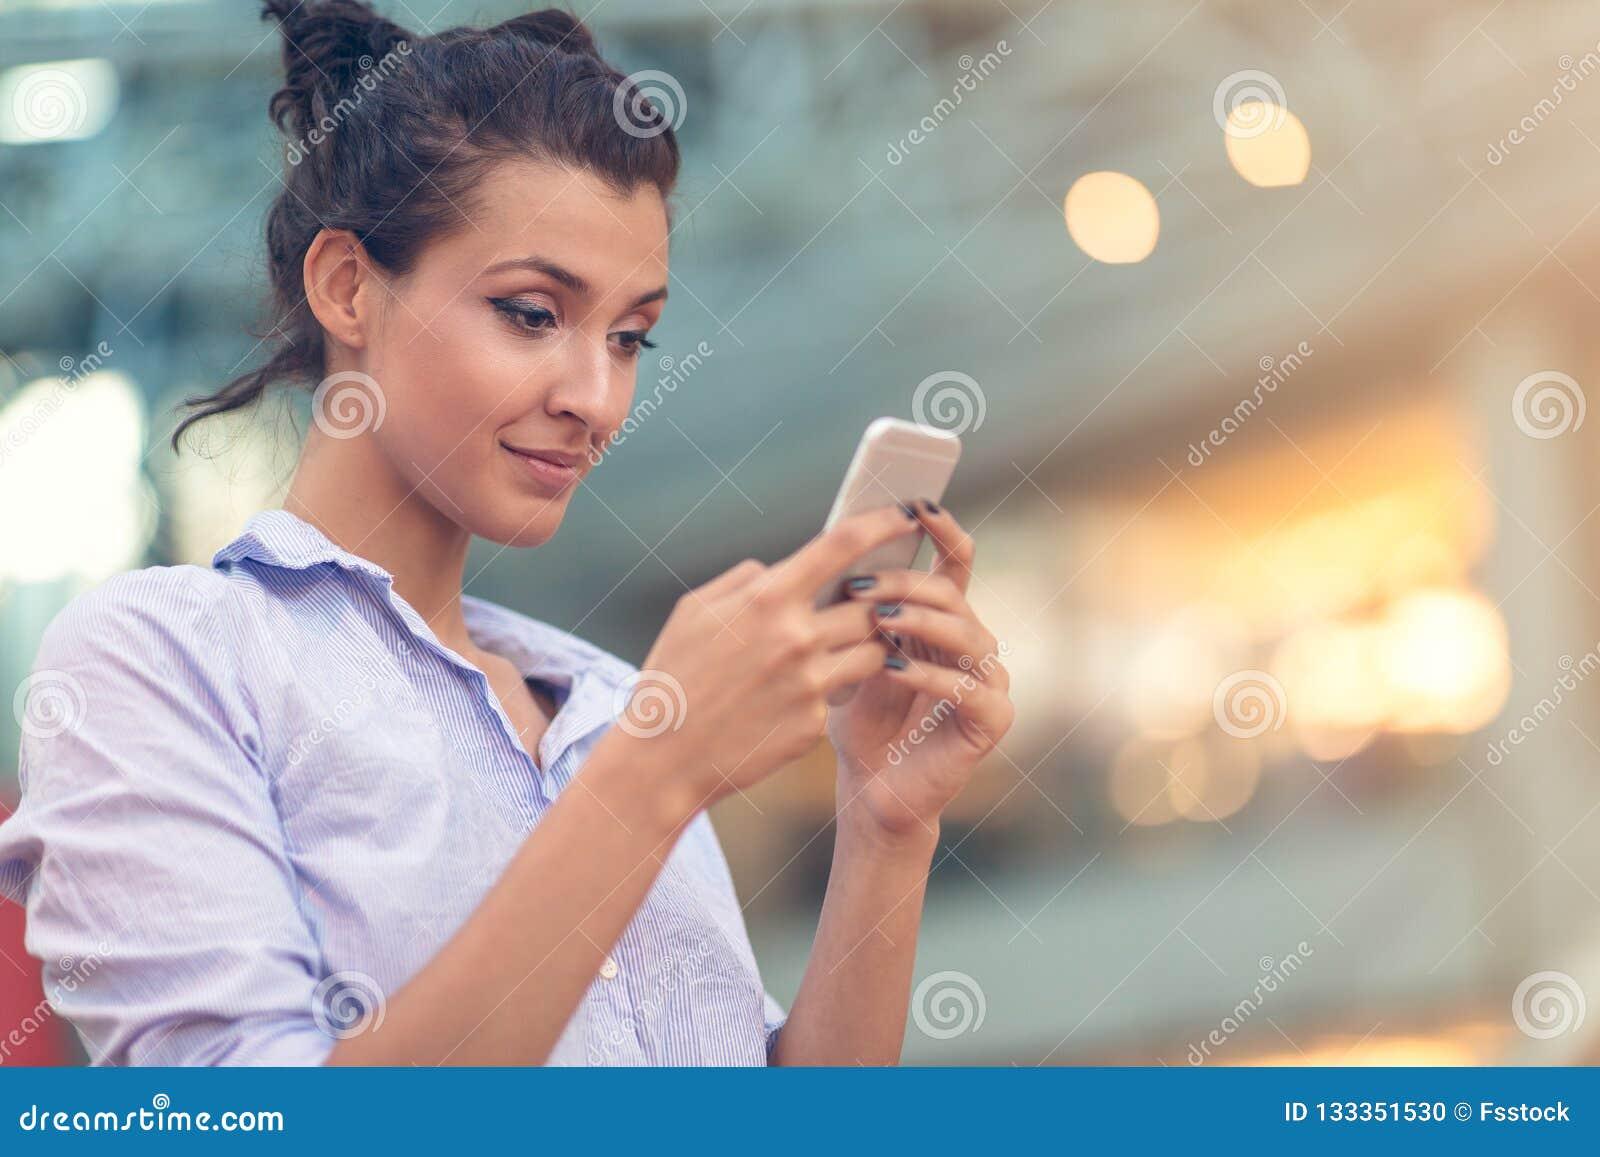 Mujer joven ocupada con la llamada, charlando en el retrato de la vista lateral del teléfono celular